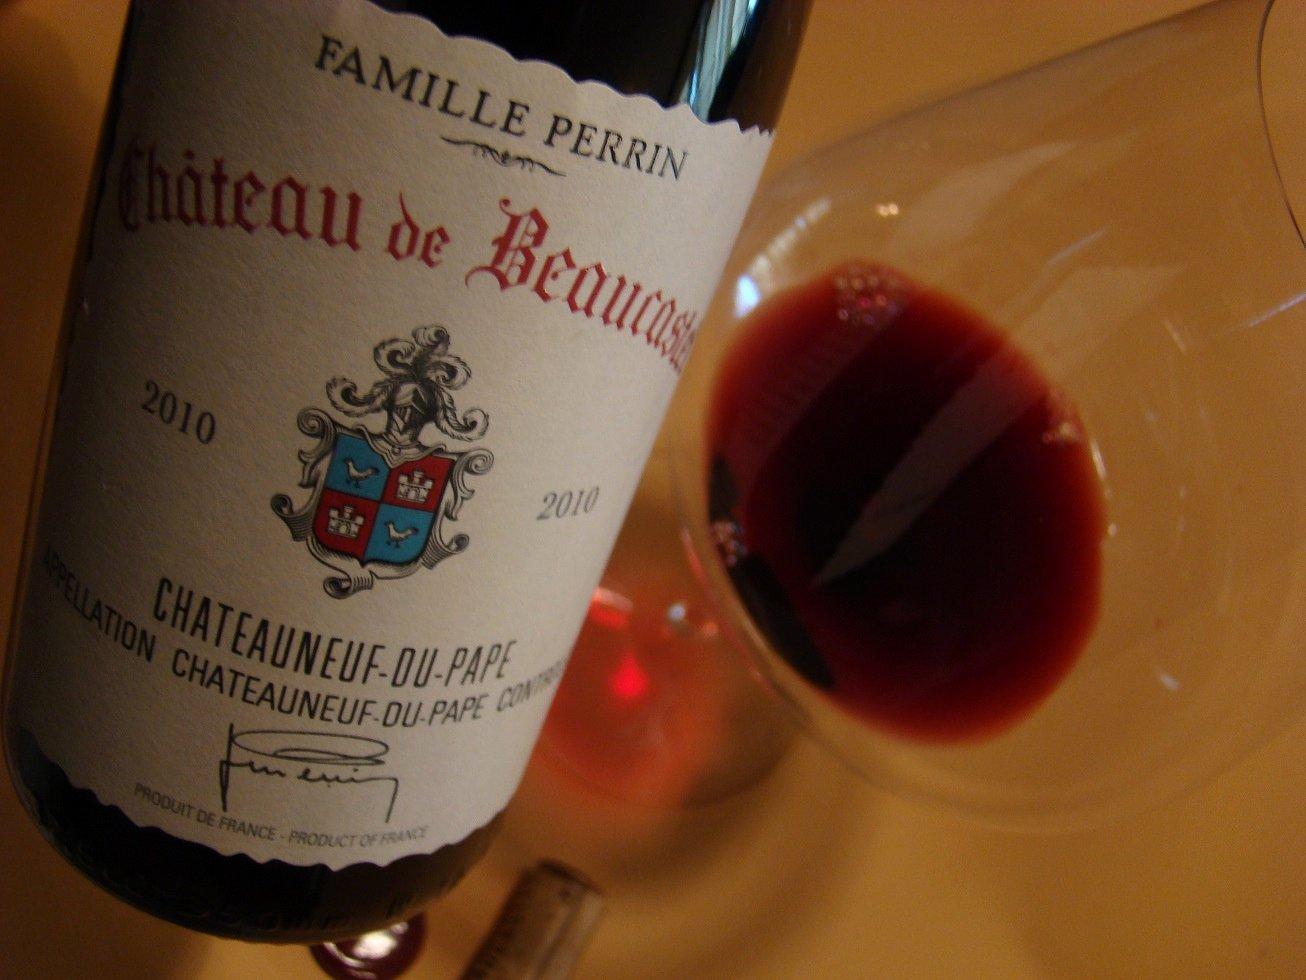 Wine Tasting Journal Template Unique 2010 Château De Beaucastel Châteauneuf Du Pape Wine and